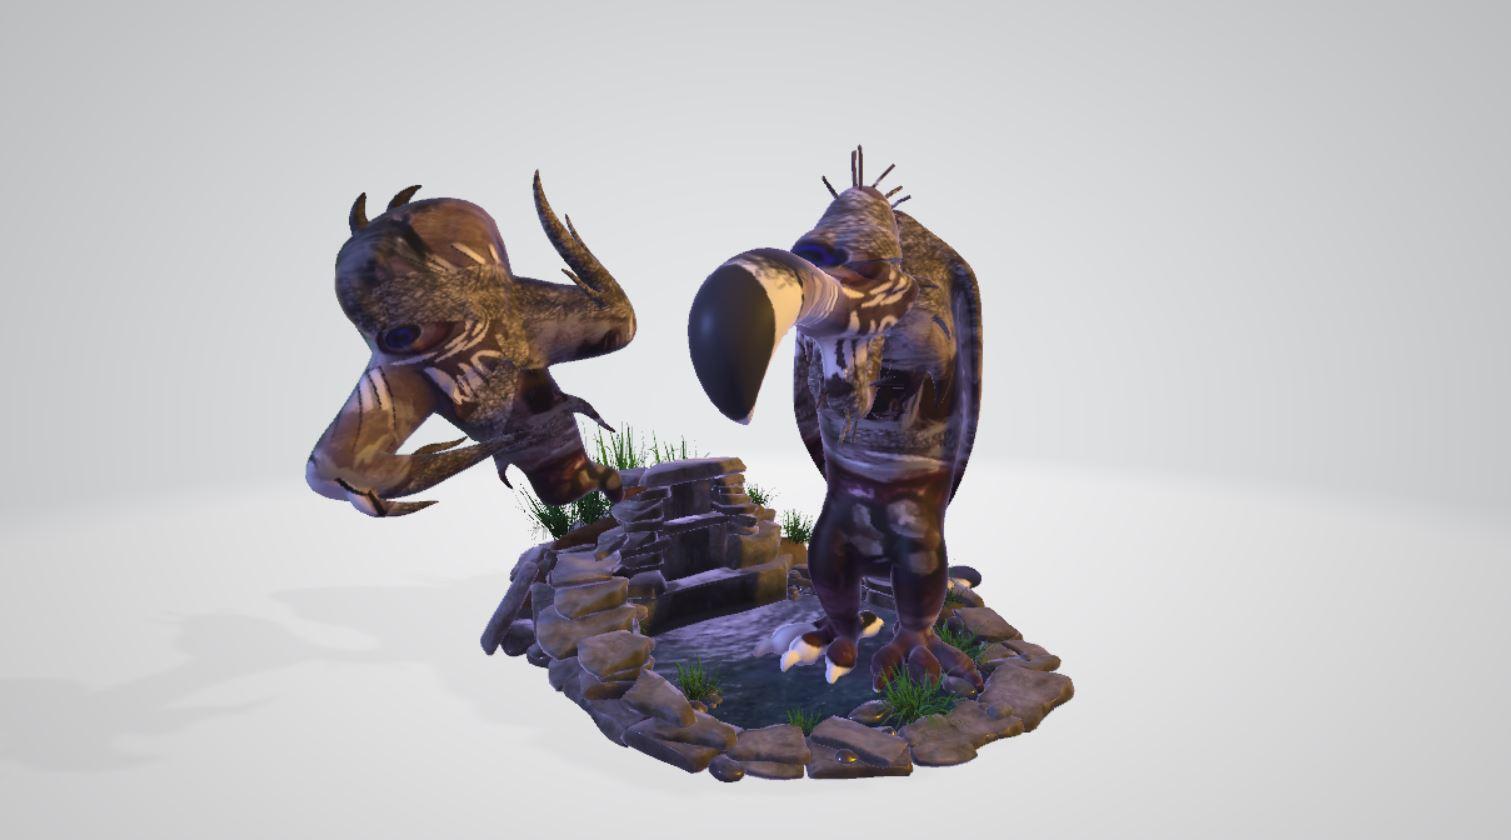 CGI character figures